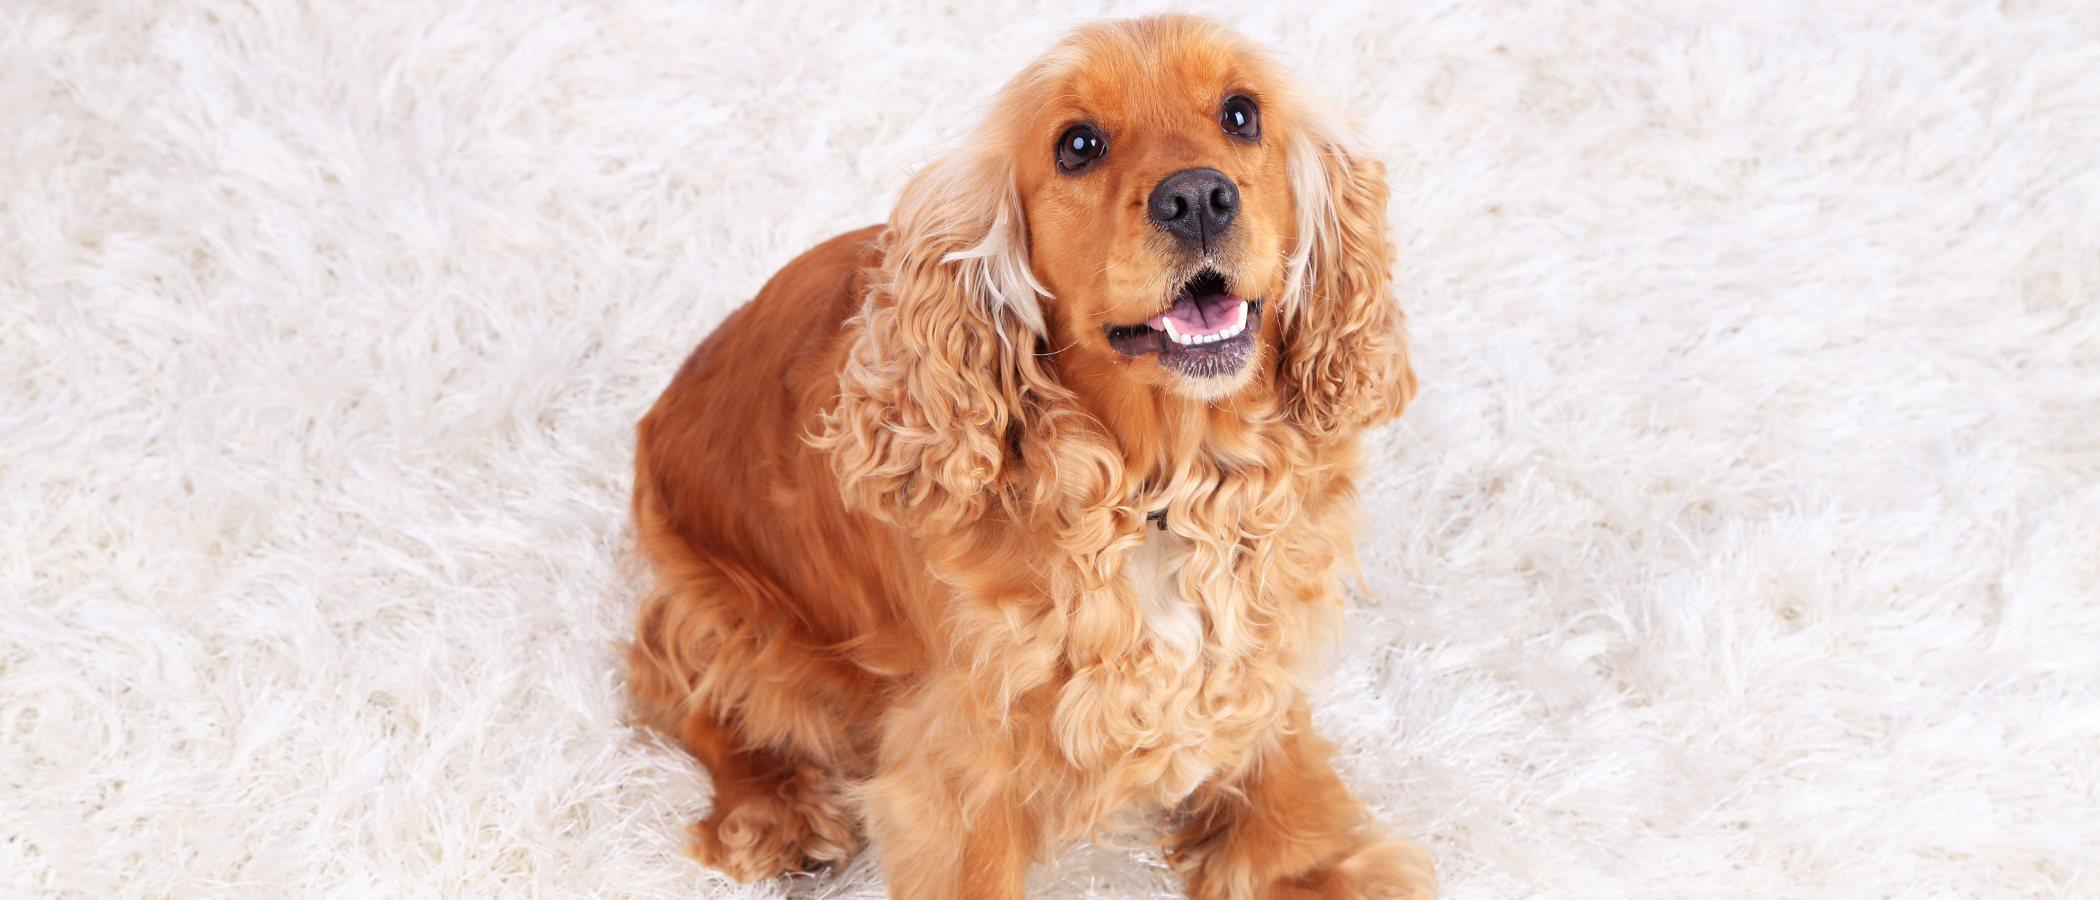 Tener un Cocker como mascota: características y cuidados del perro